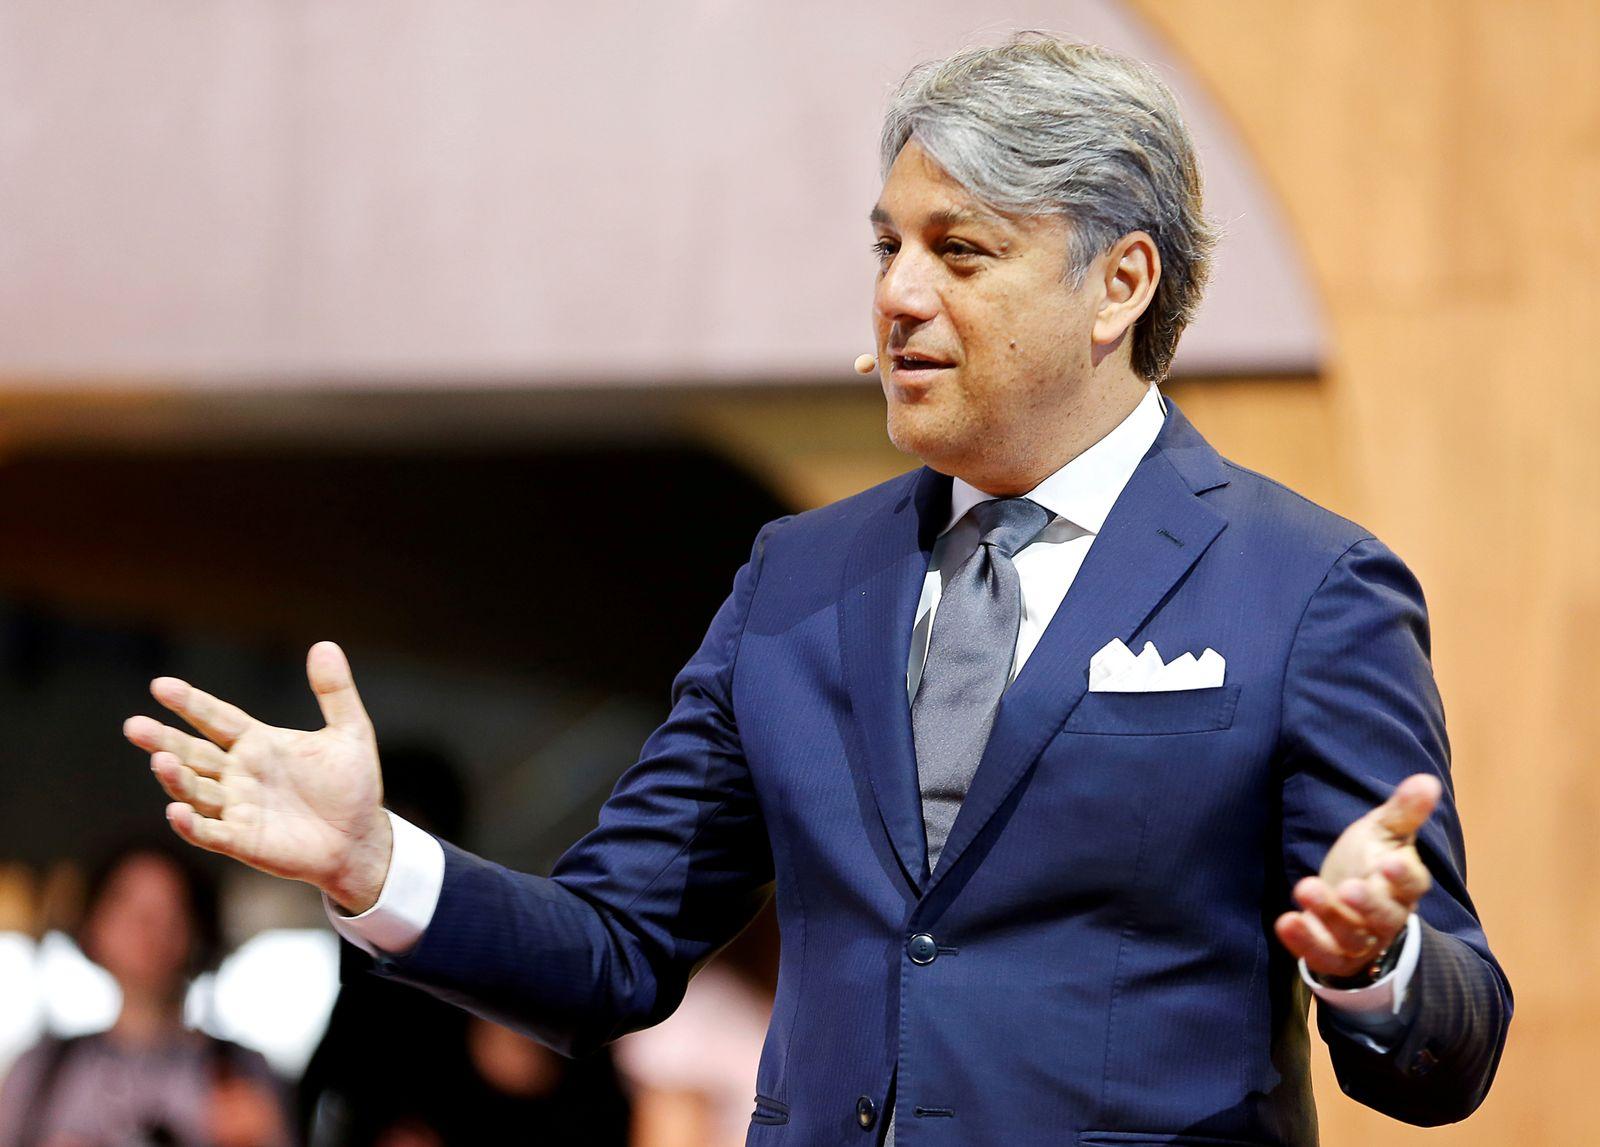 FILE PHOTO: Luca de Meo, former head of Volkswagen's Seat brand